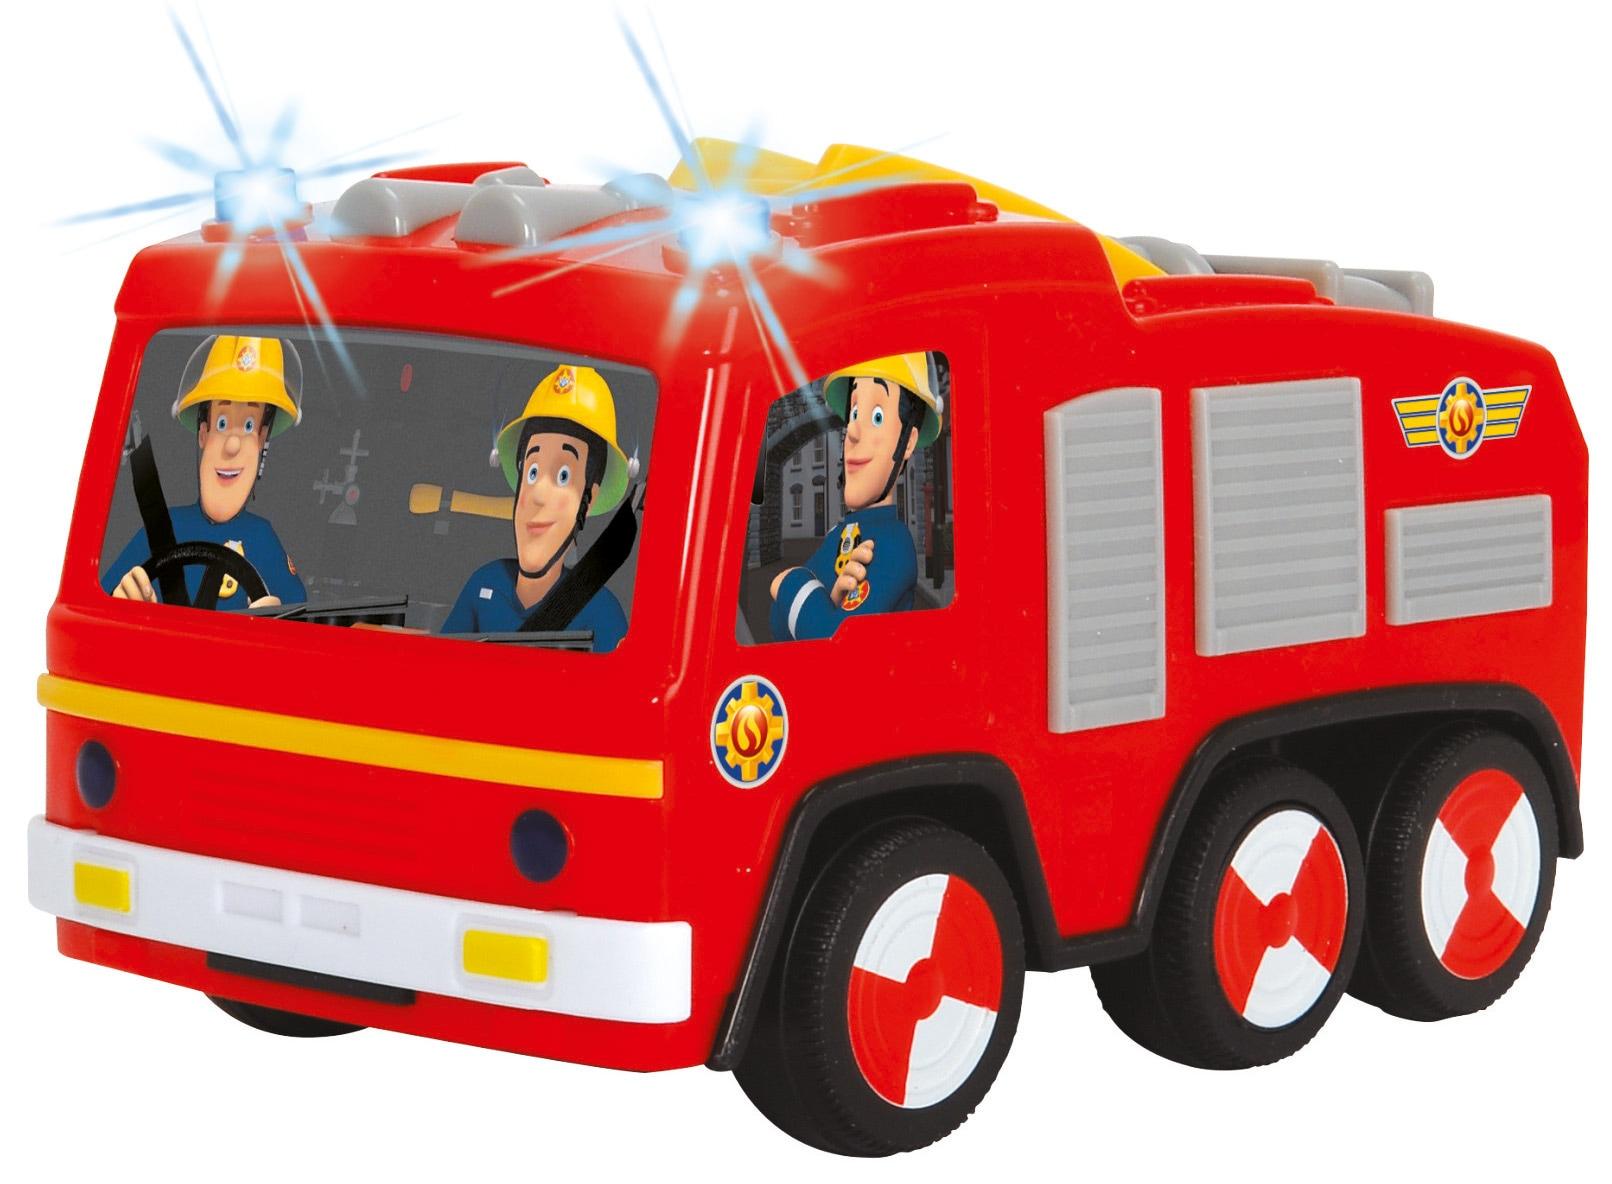 Feuerwehrauto Seite 4 Preisvergleich